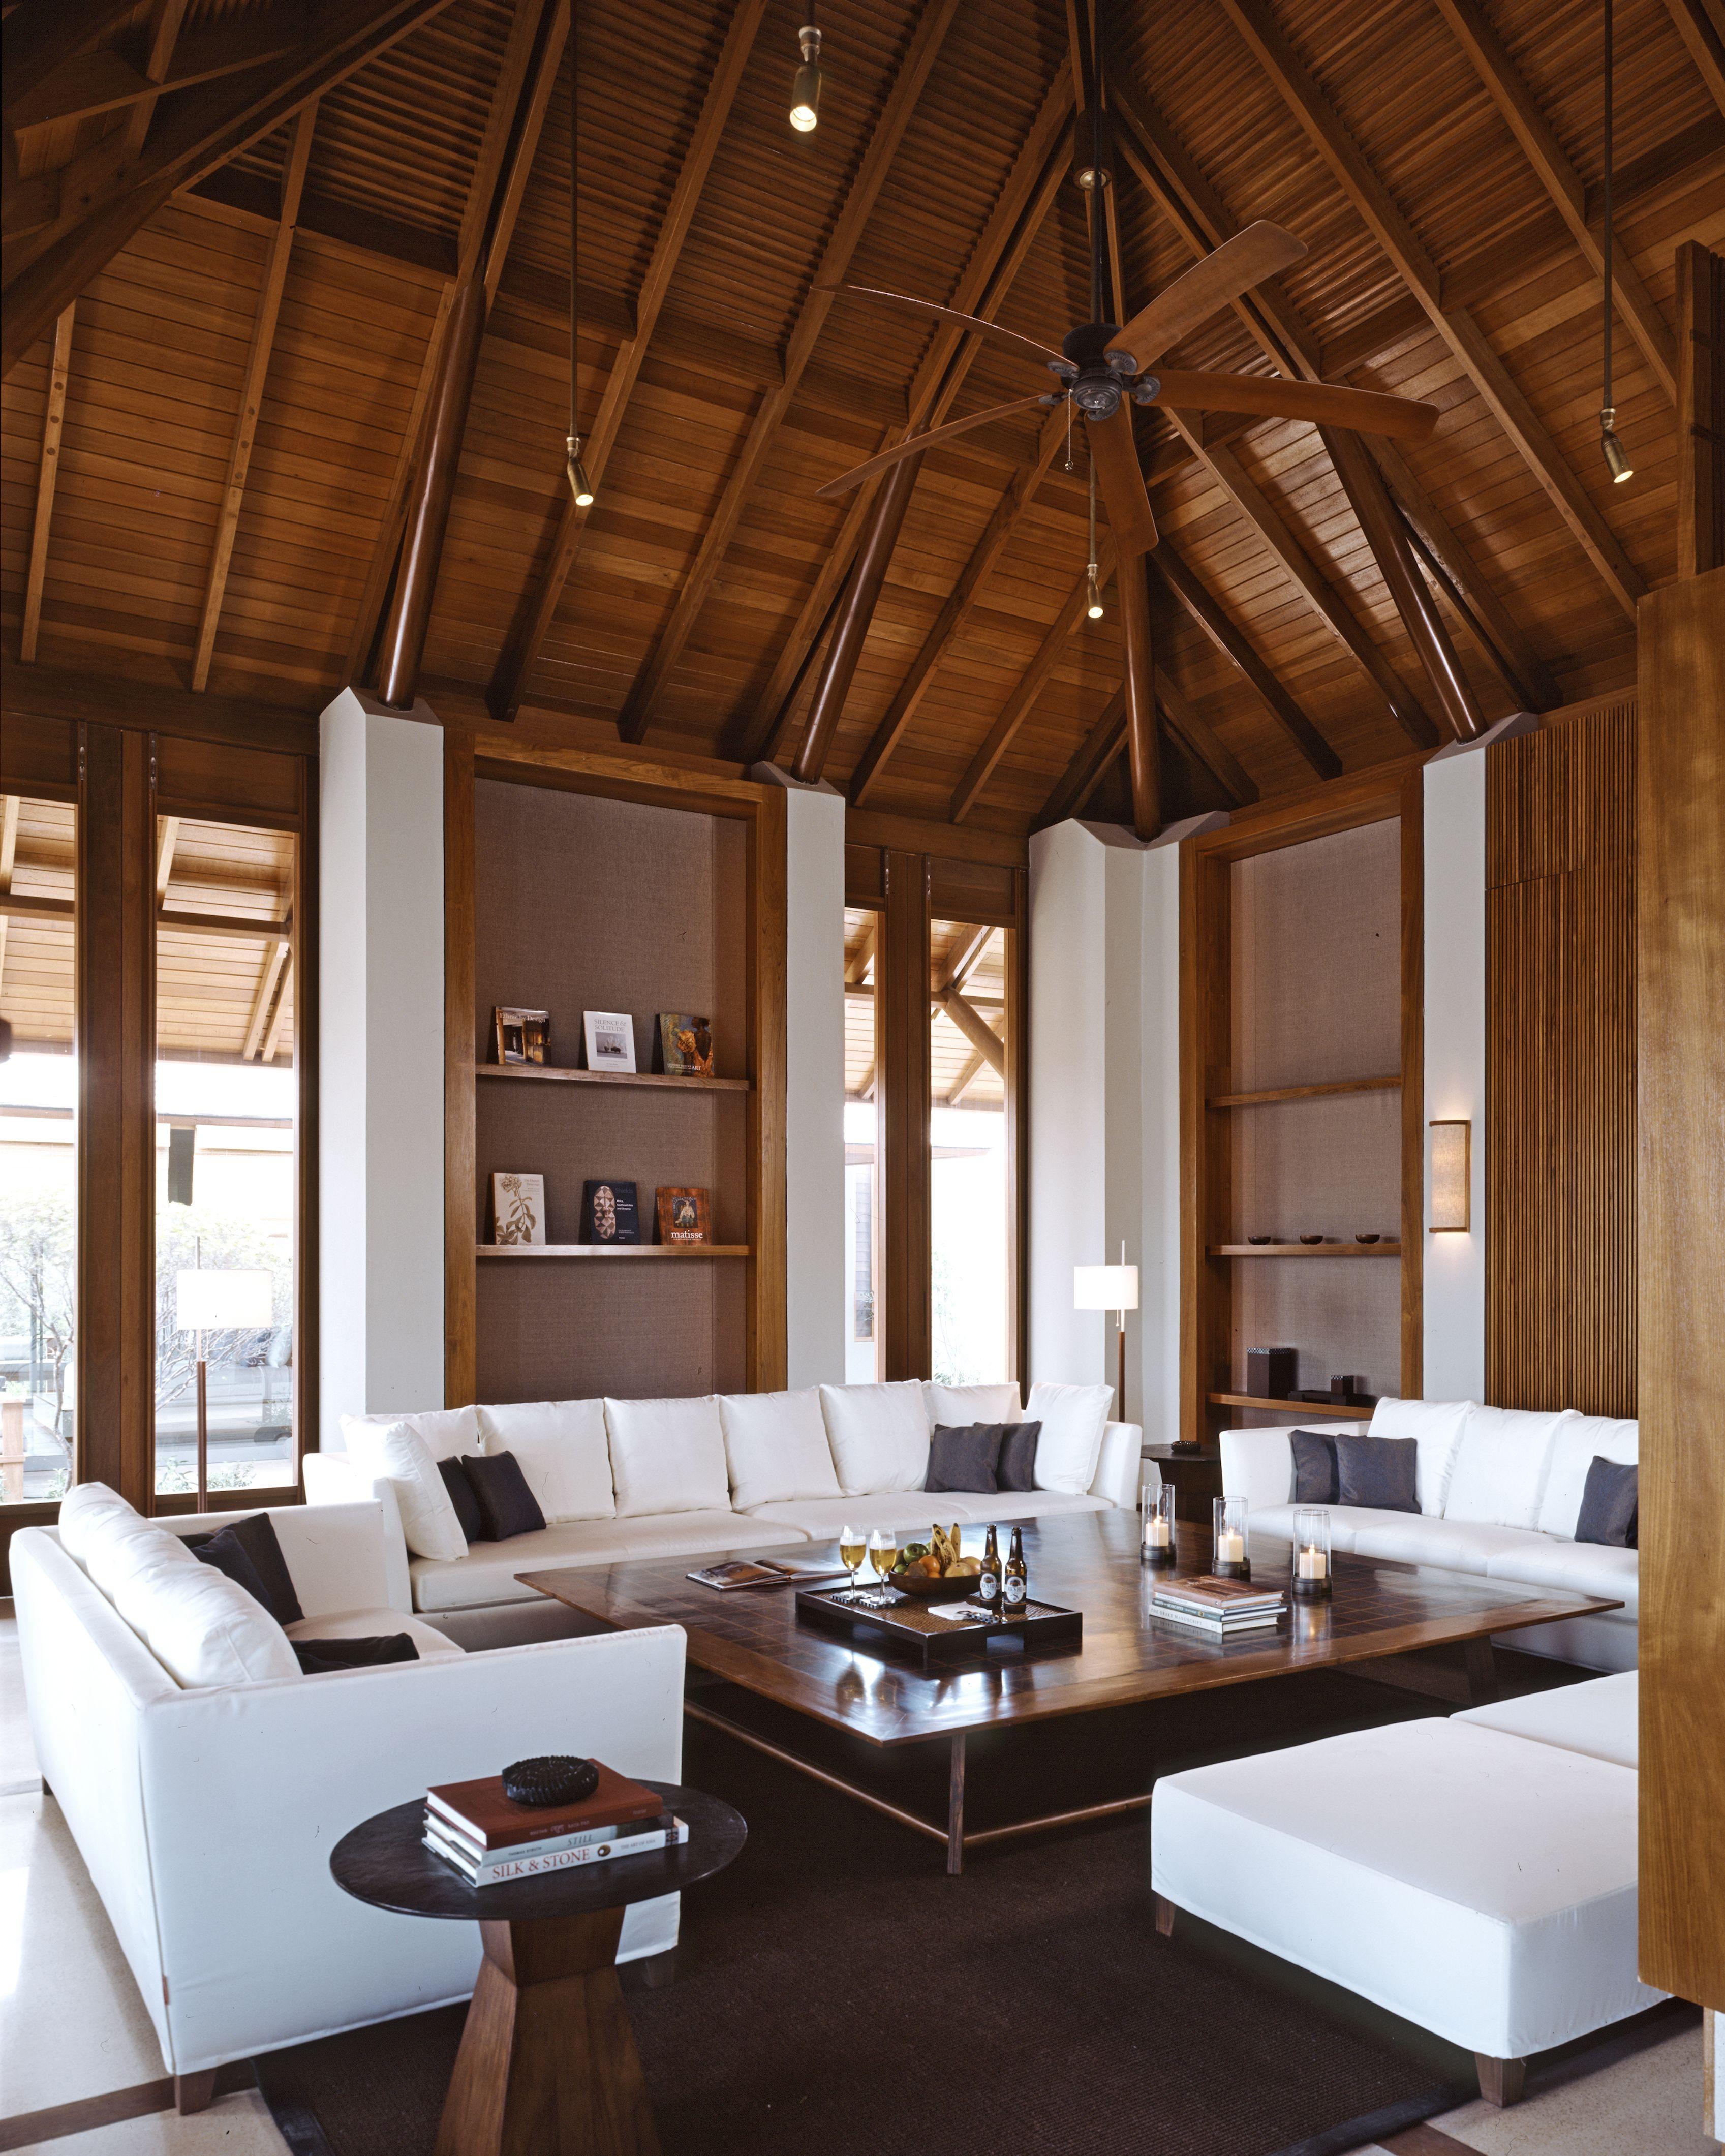 Turks & Caicos Villa Rentals Villa Ama 5Bv - 5Br